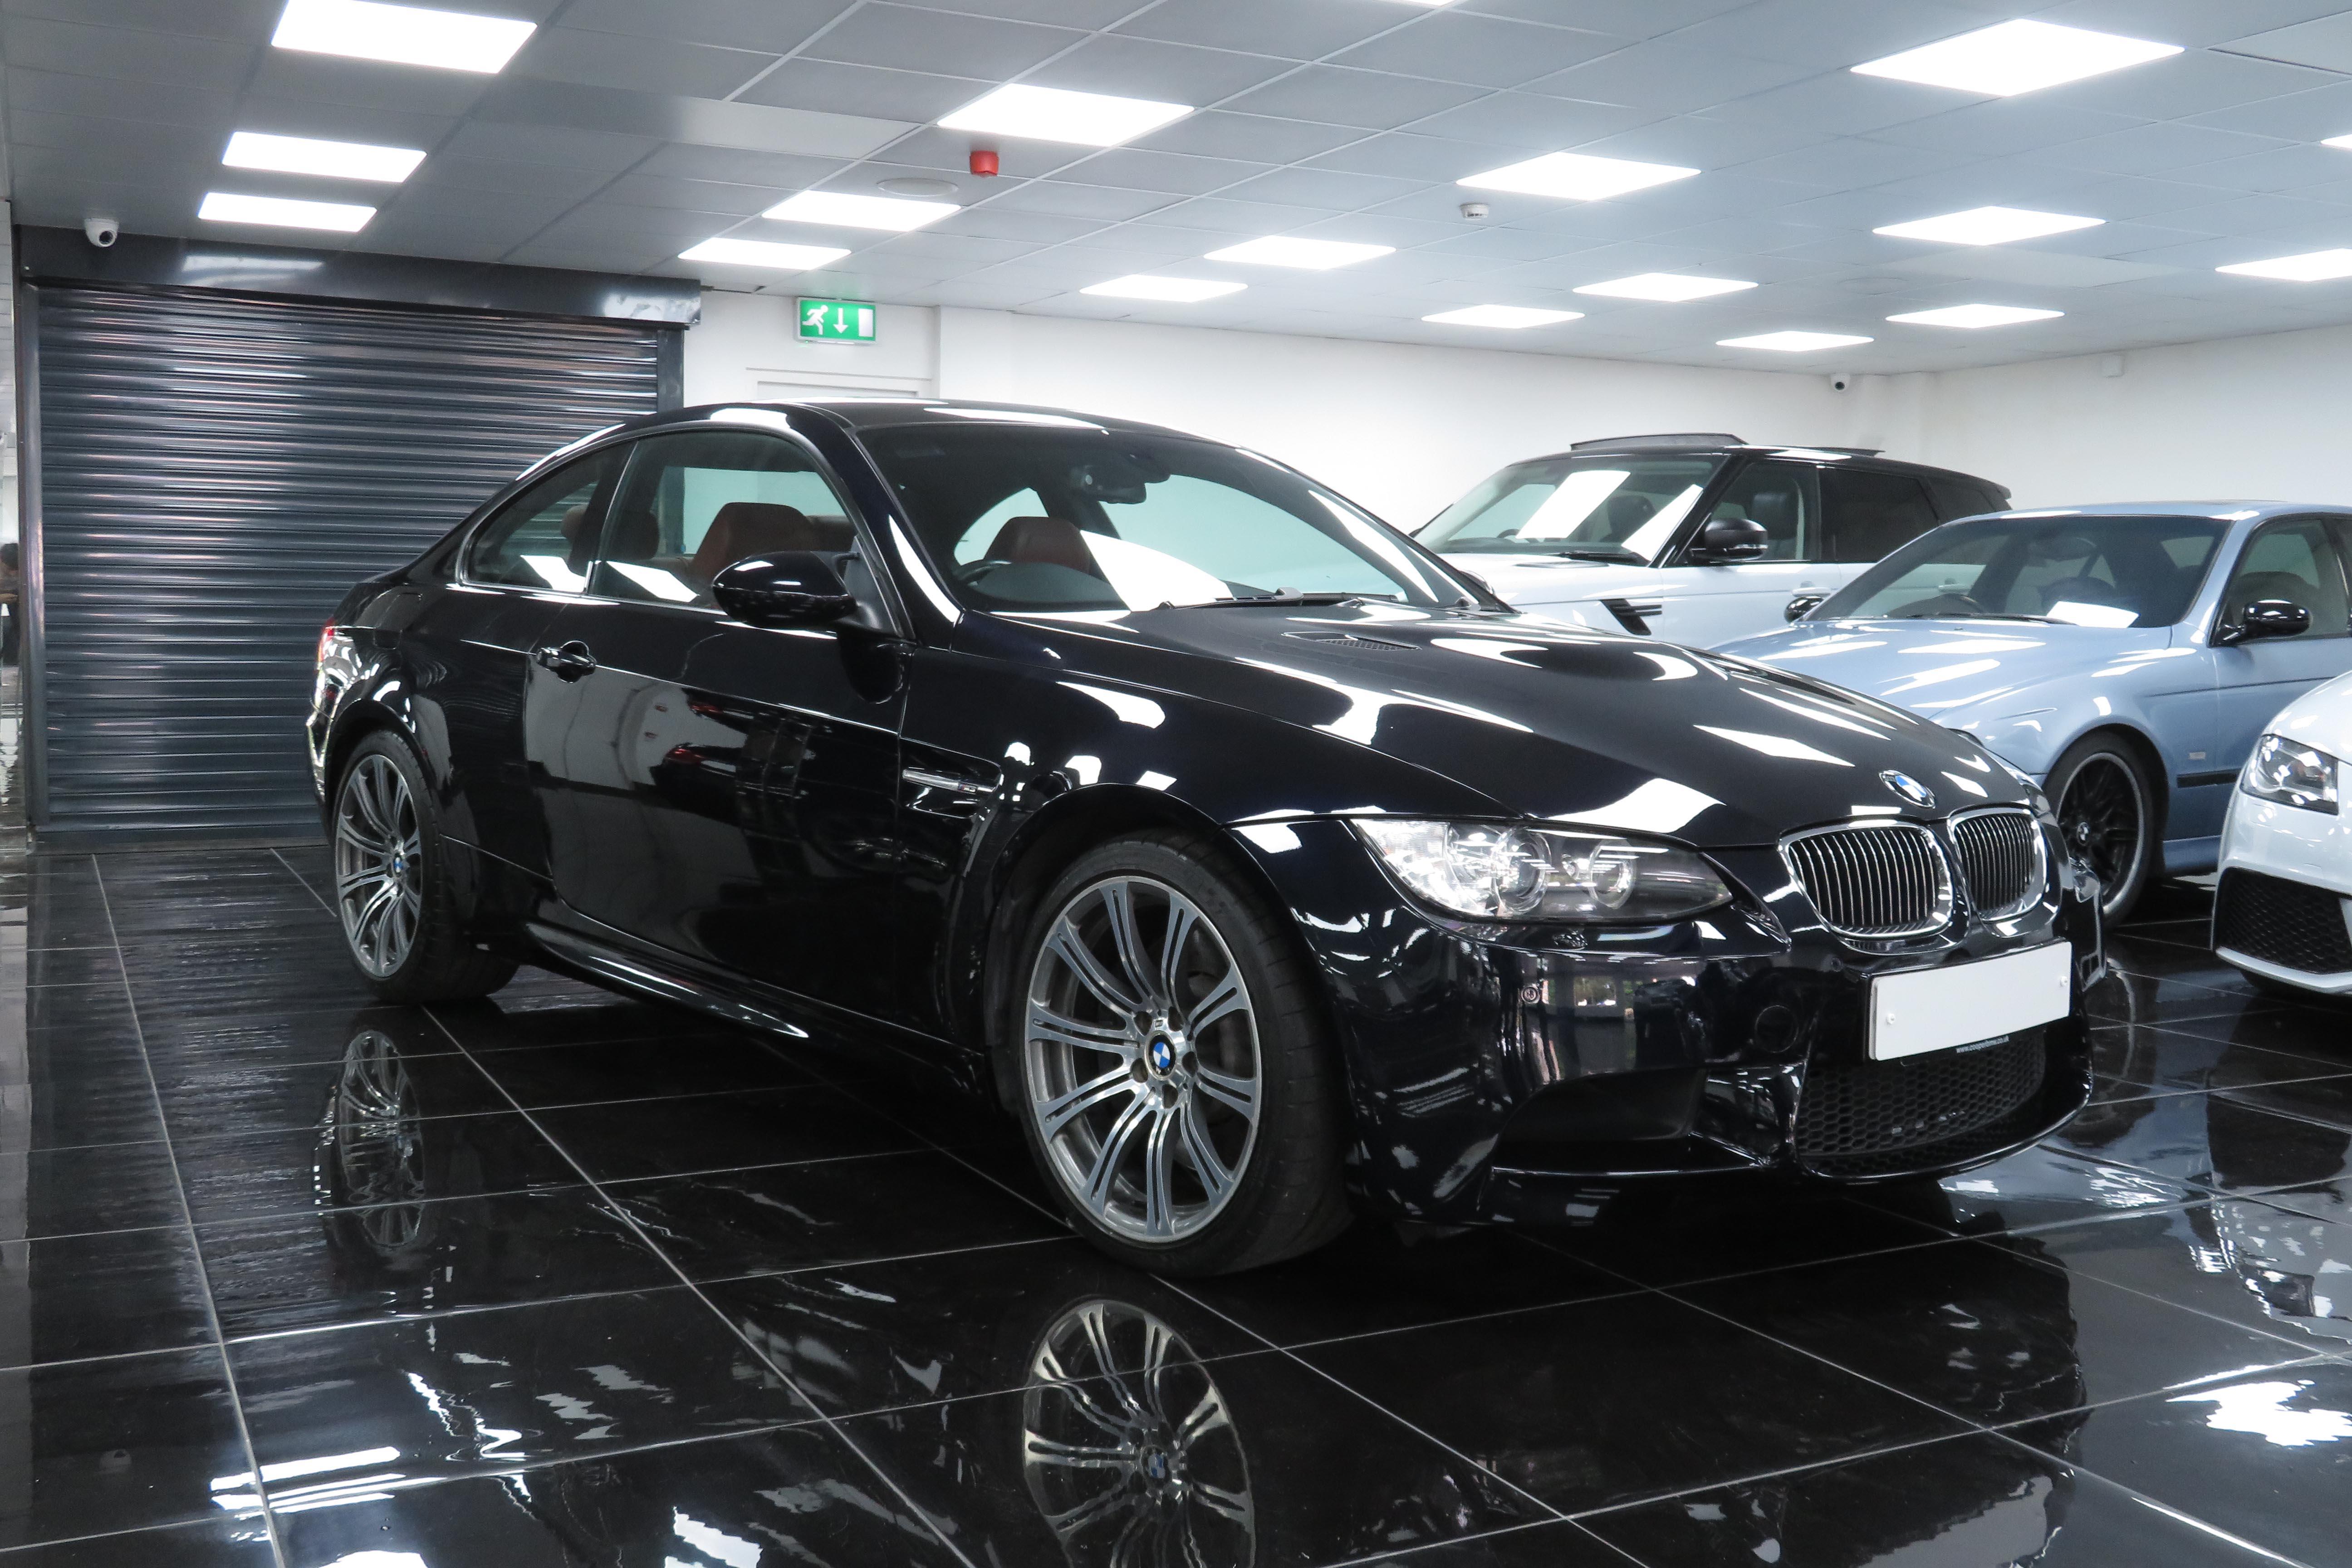 Sold 2007 57 Bmw E92 M3 Jerez Black Coupe Manual Tej